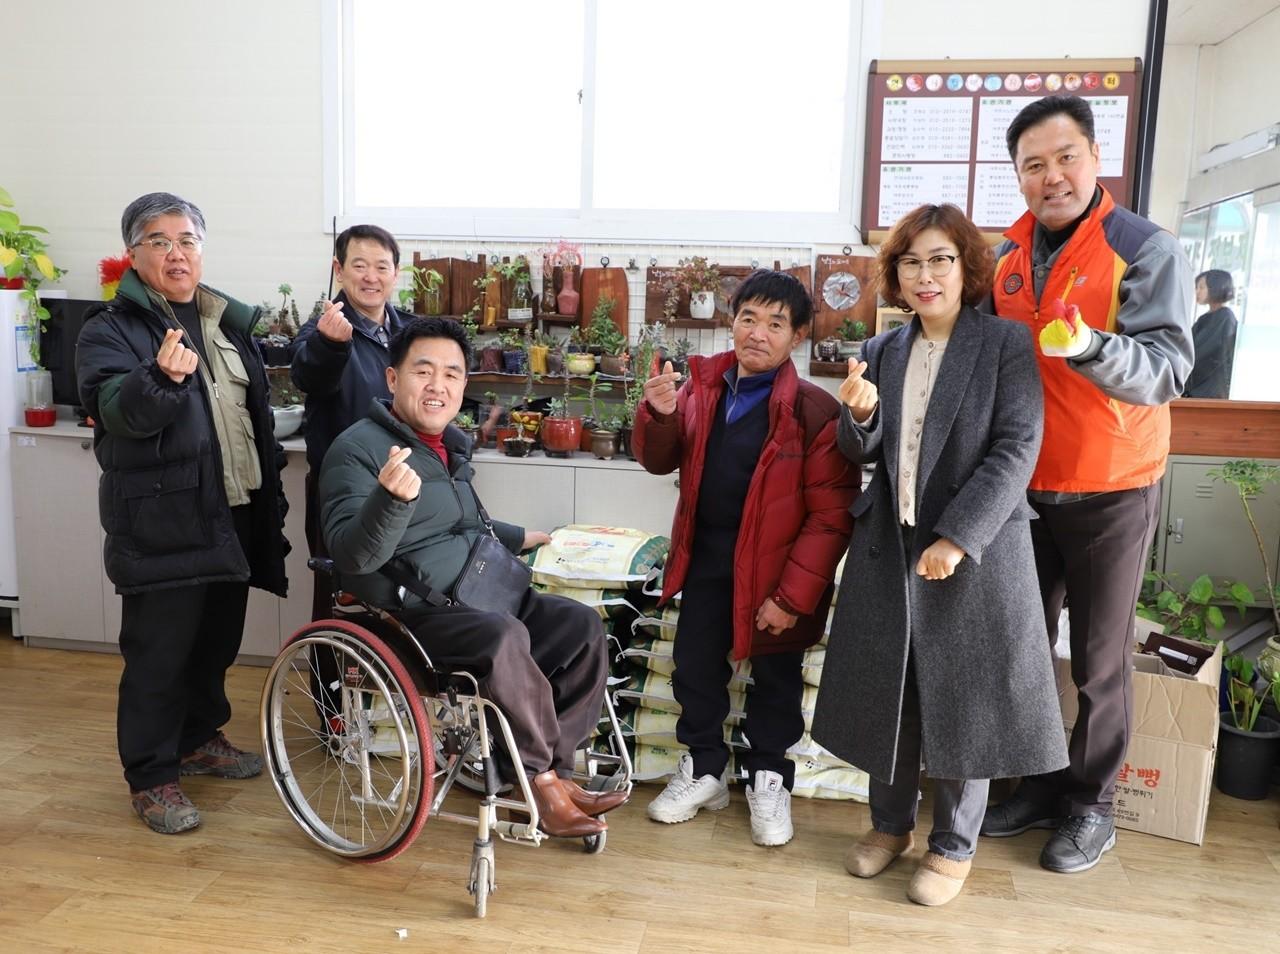 디바, 자립생활센터 쌀 기증.jpg